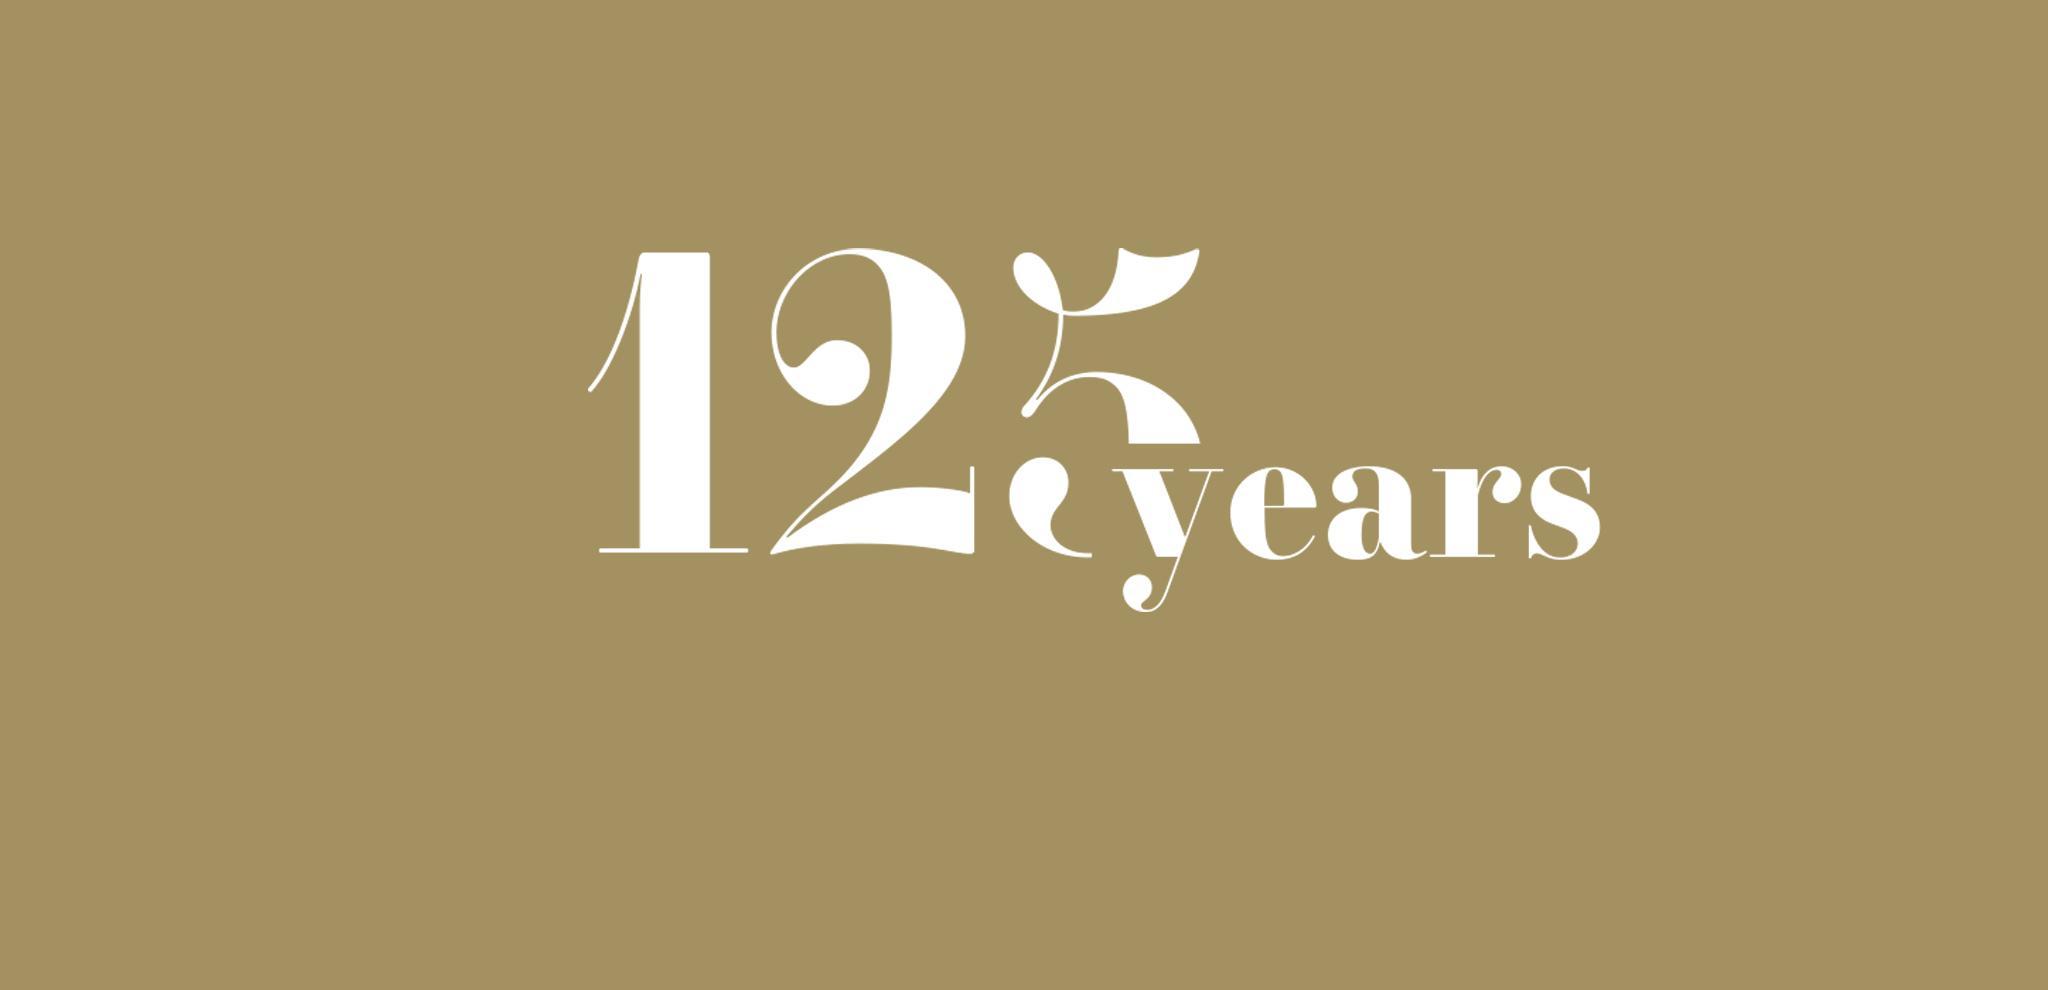 Materasso Di Crine Significato il vostro benessere, la nostra ragione d'esistere da 125 anni